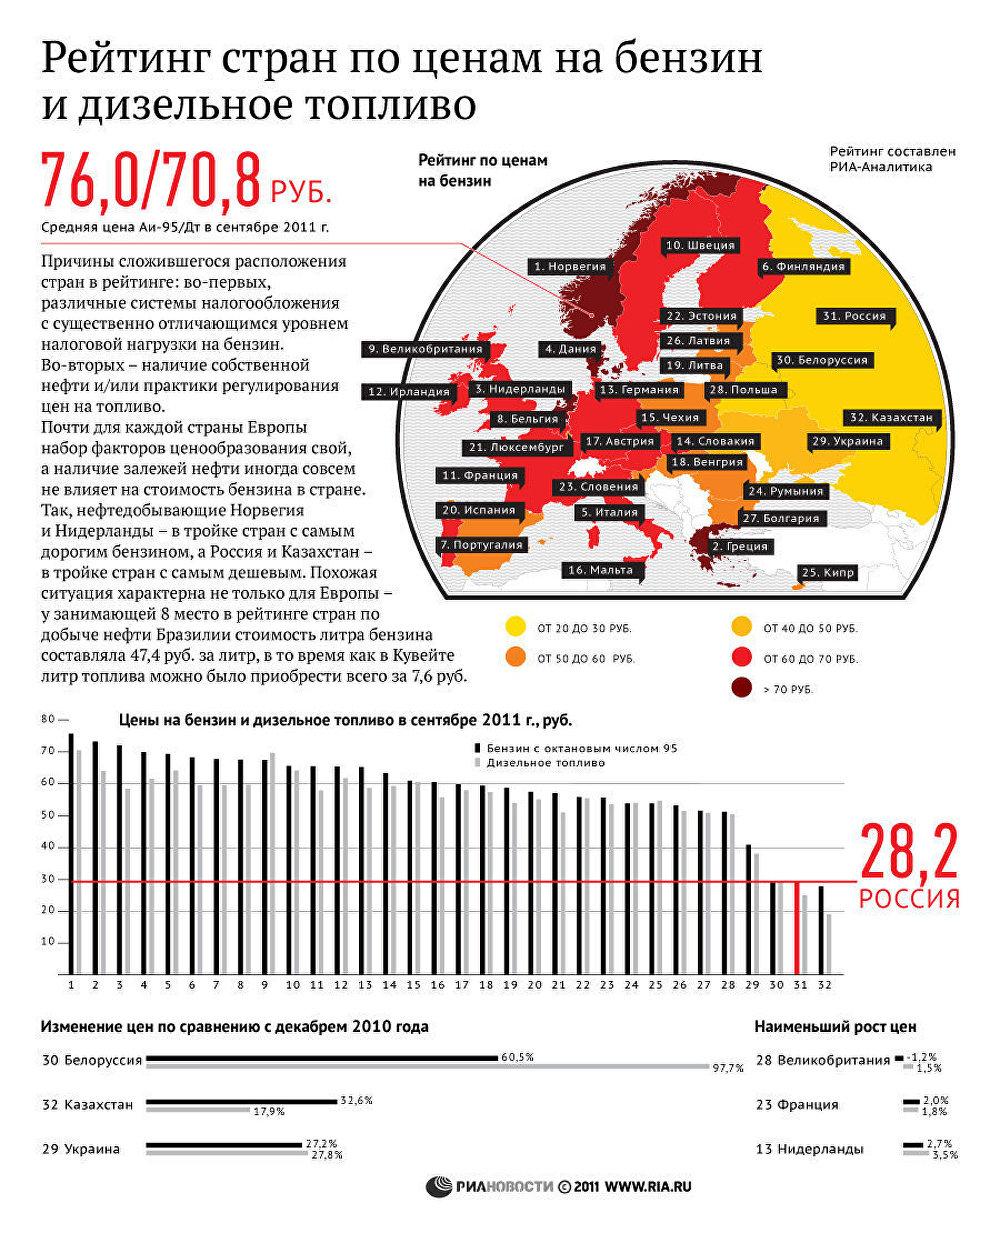 Рейтинг стран по ценам на бензин по итогам сентября 2011 года